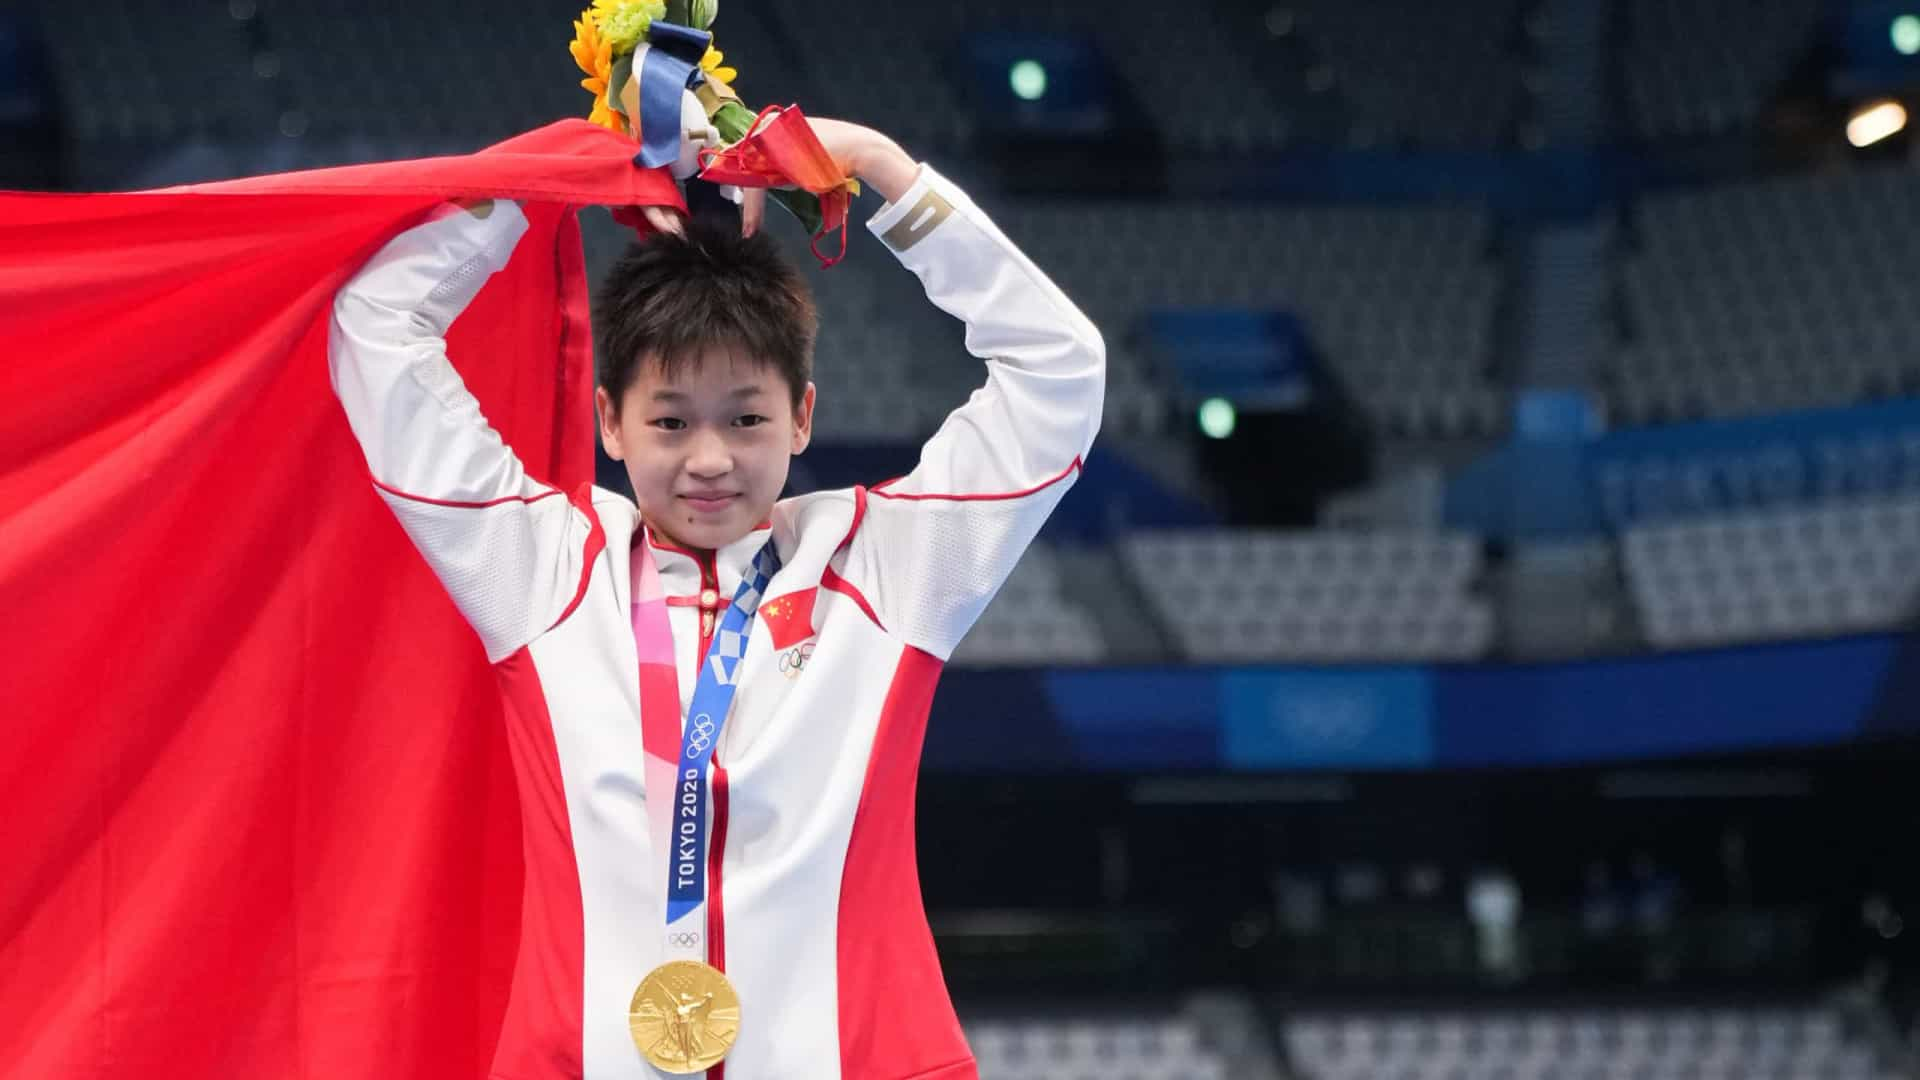 Chinesa de 14 anos fatura o ouro nos saltos ornamentais com 24 notas 10